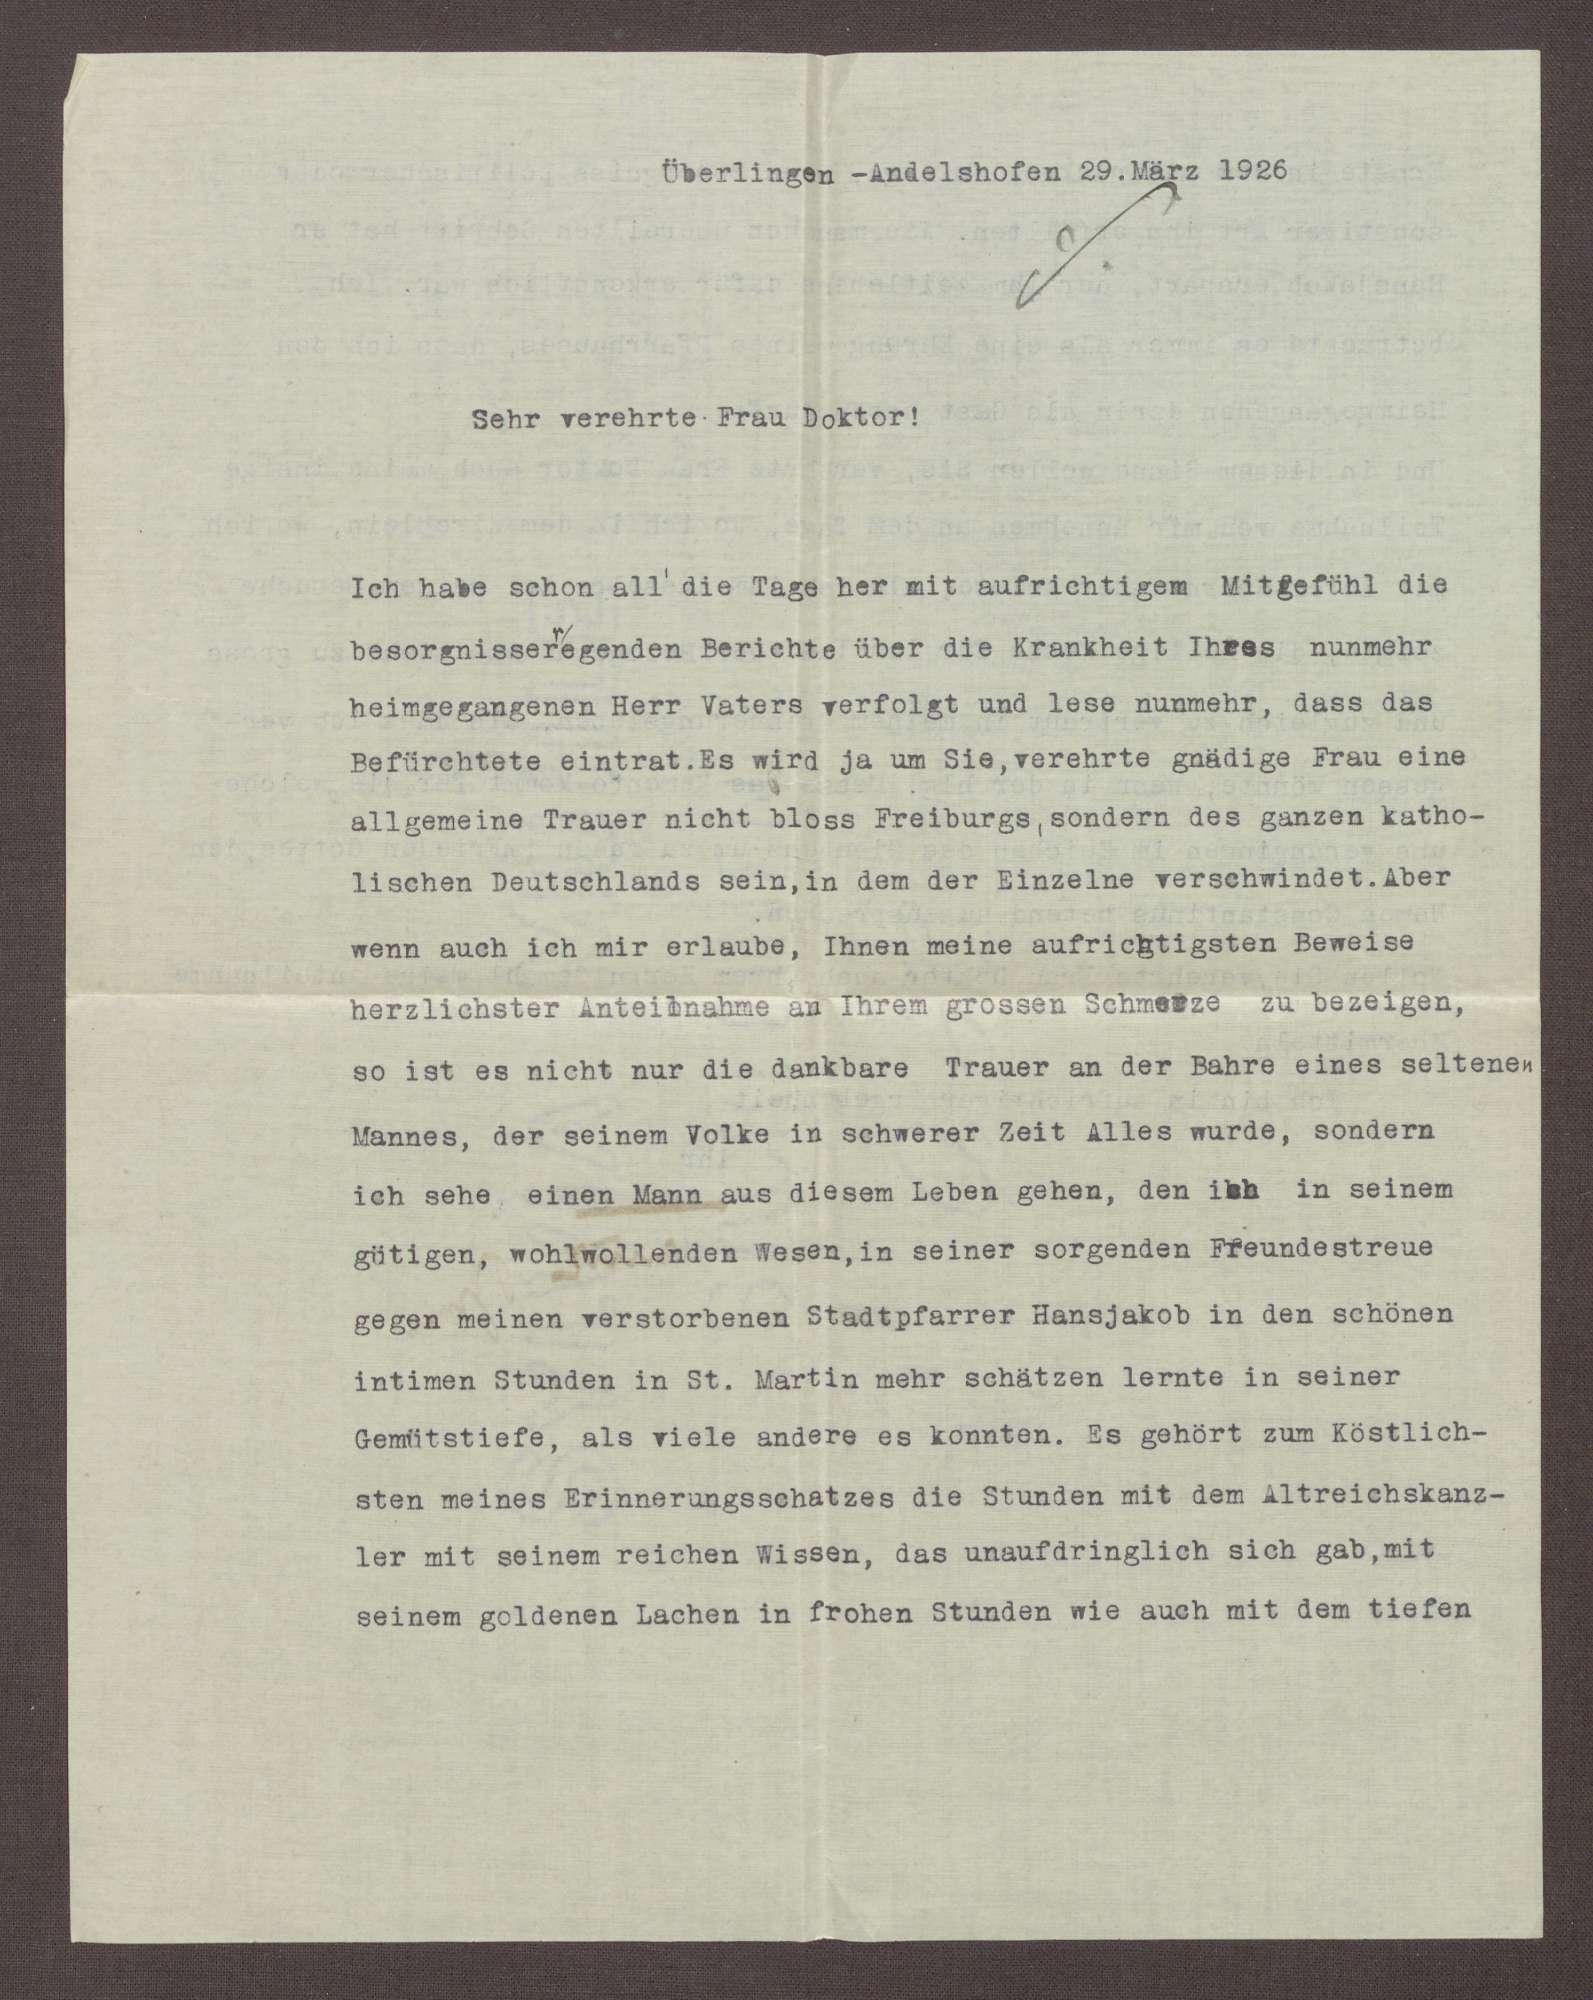 Schreiben von Traude Stamm, Überlingen, an Elisabeth Rosset, Kondolenzbrief zum Tod von Constantin Fehrenbach, Bild 1